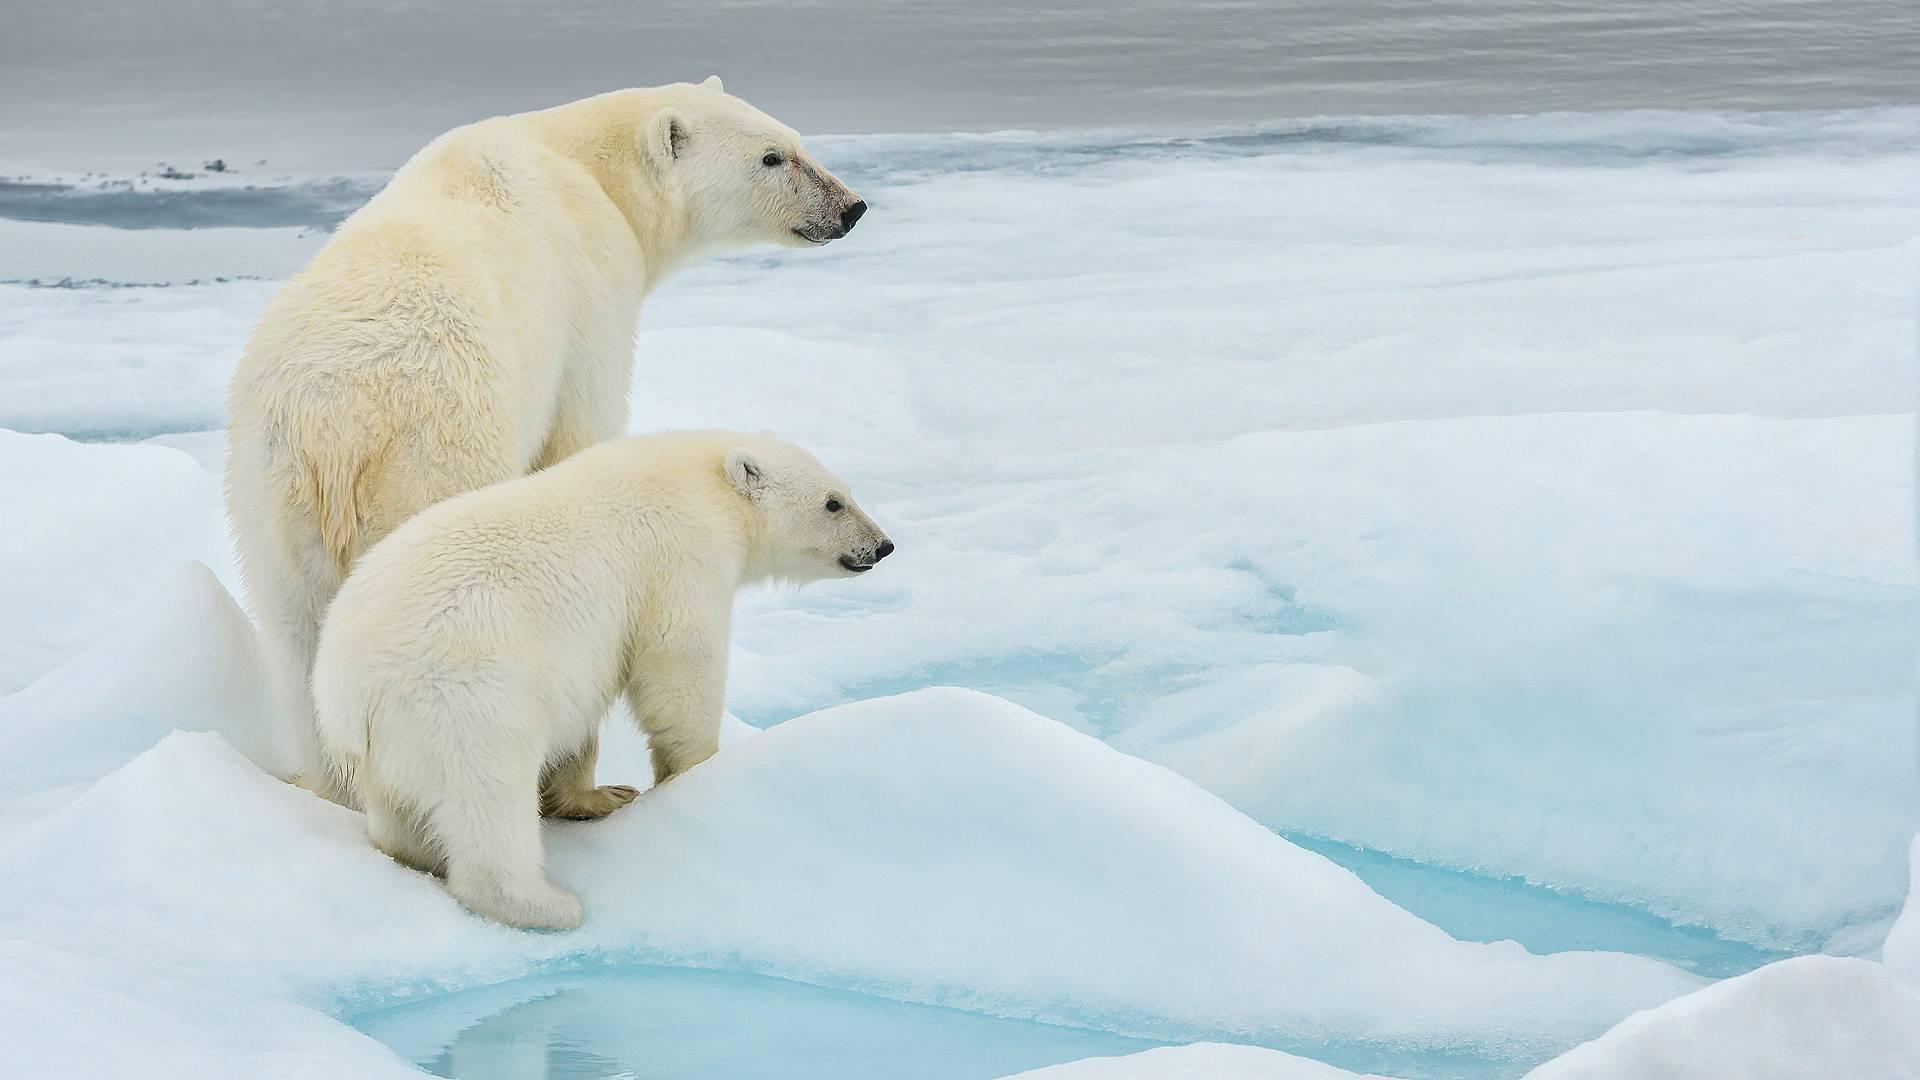 Esplorazione al polo nord in inverno: Isole Svalbard